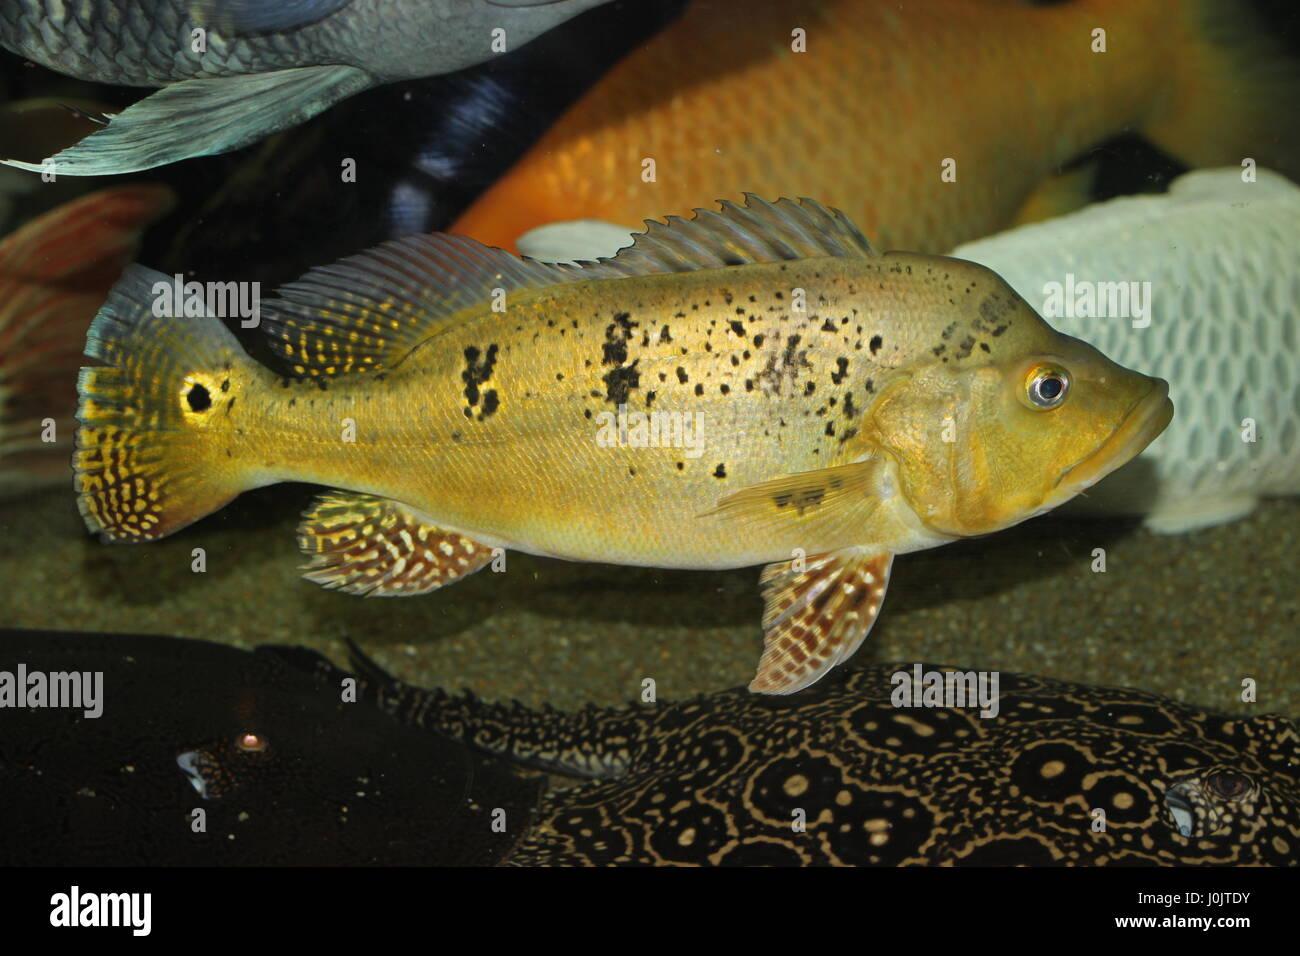 This is cichla kelberi - 2 y.o., 40 cm Stock Photo